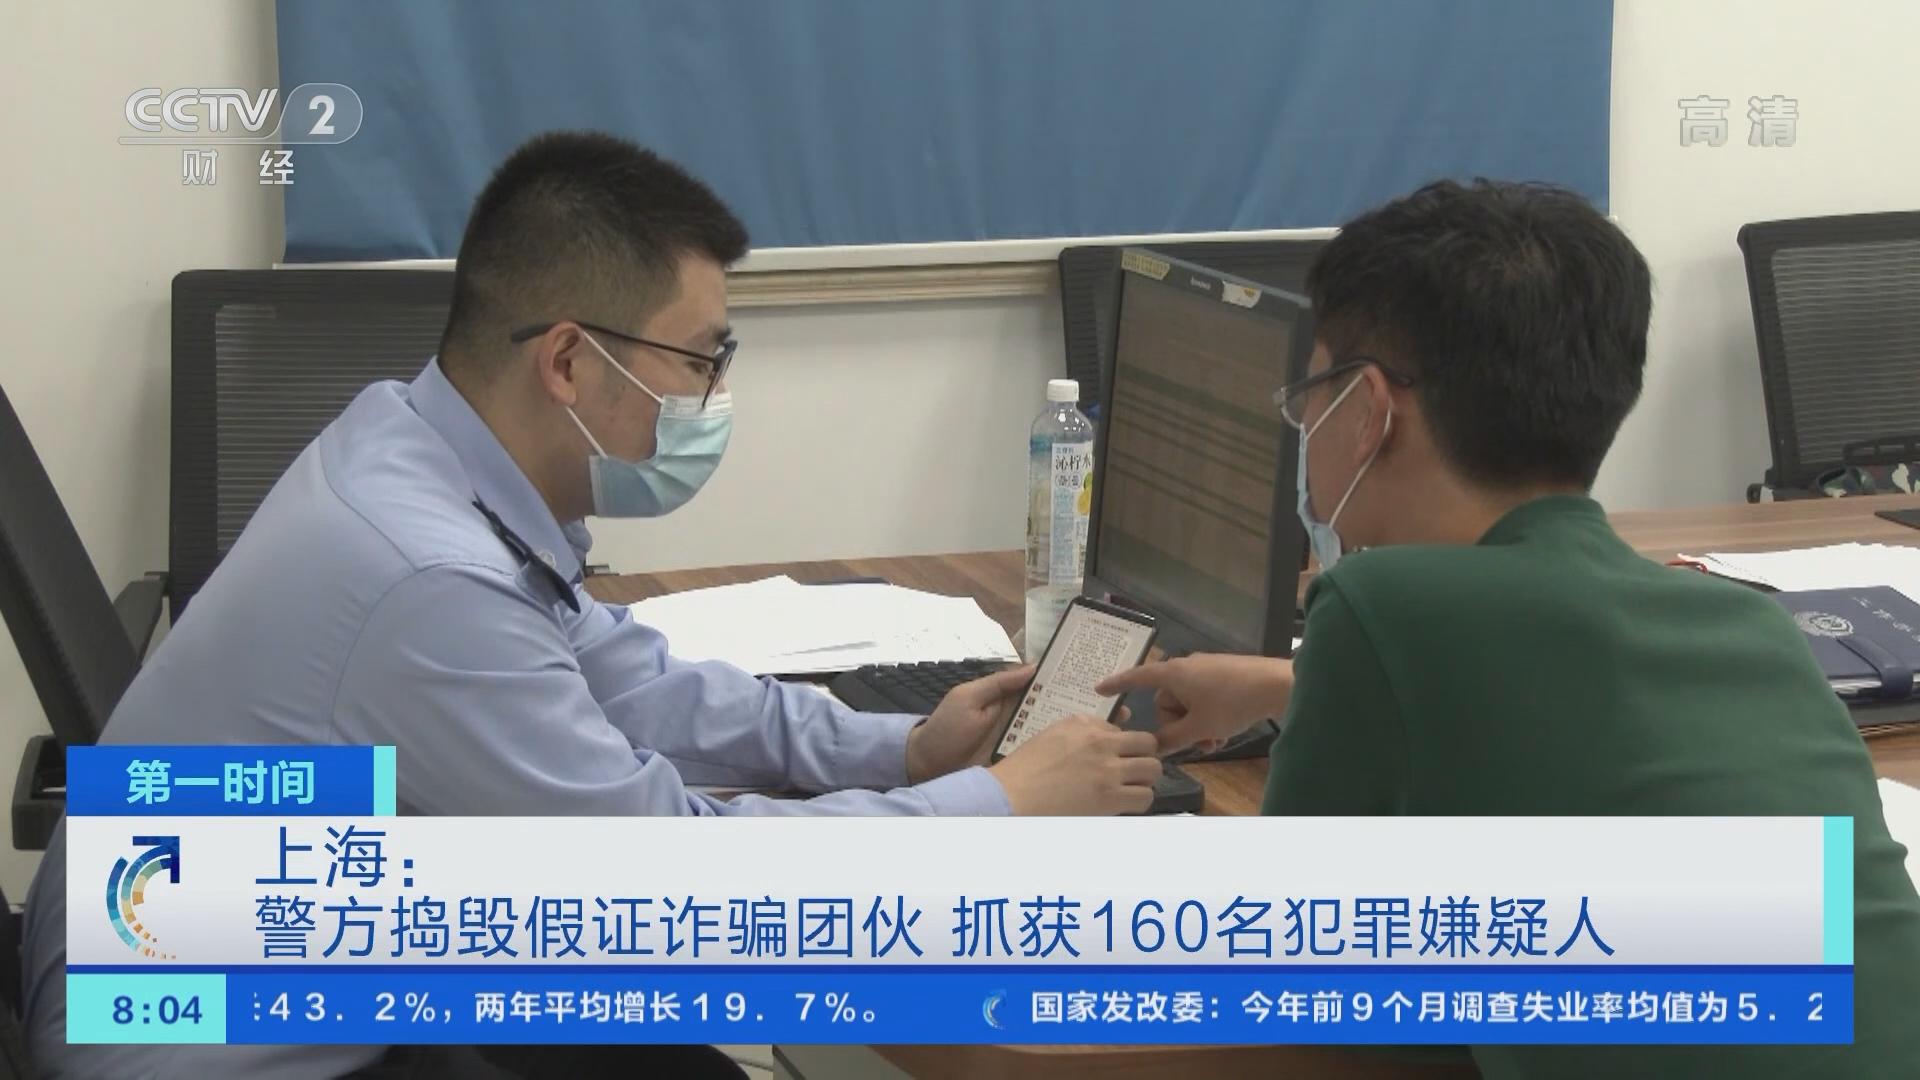 [第一时间]上海:警方捣毁假证诈骗团伙 抓获160名犯罪嫌疑人